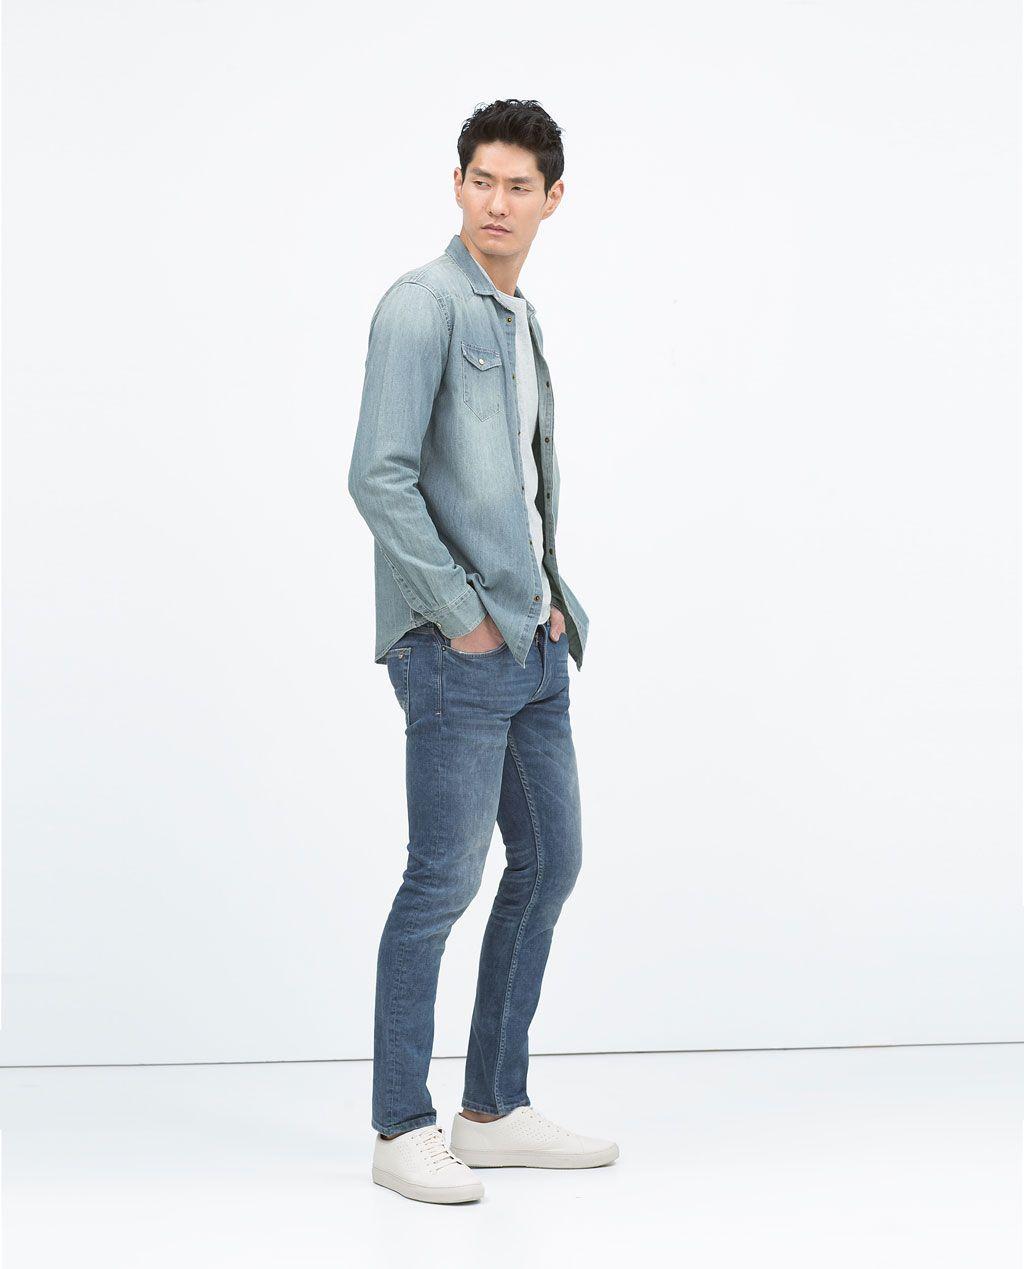 Pantalon Denim Slim Colores Ver Todo Jeans Hombre Jeans Fit Slim Fit Jeans Slim Fit